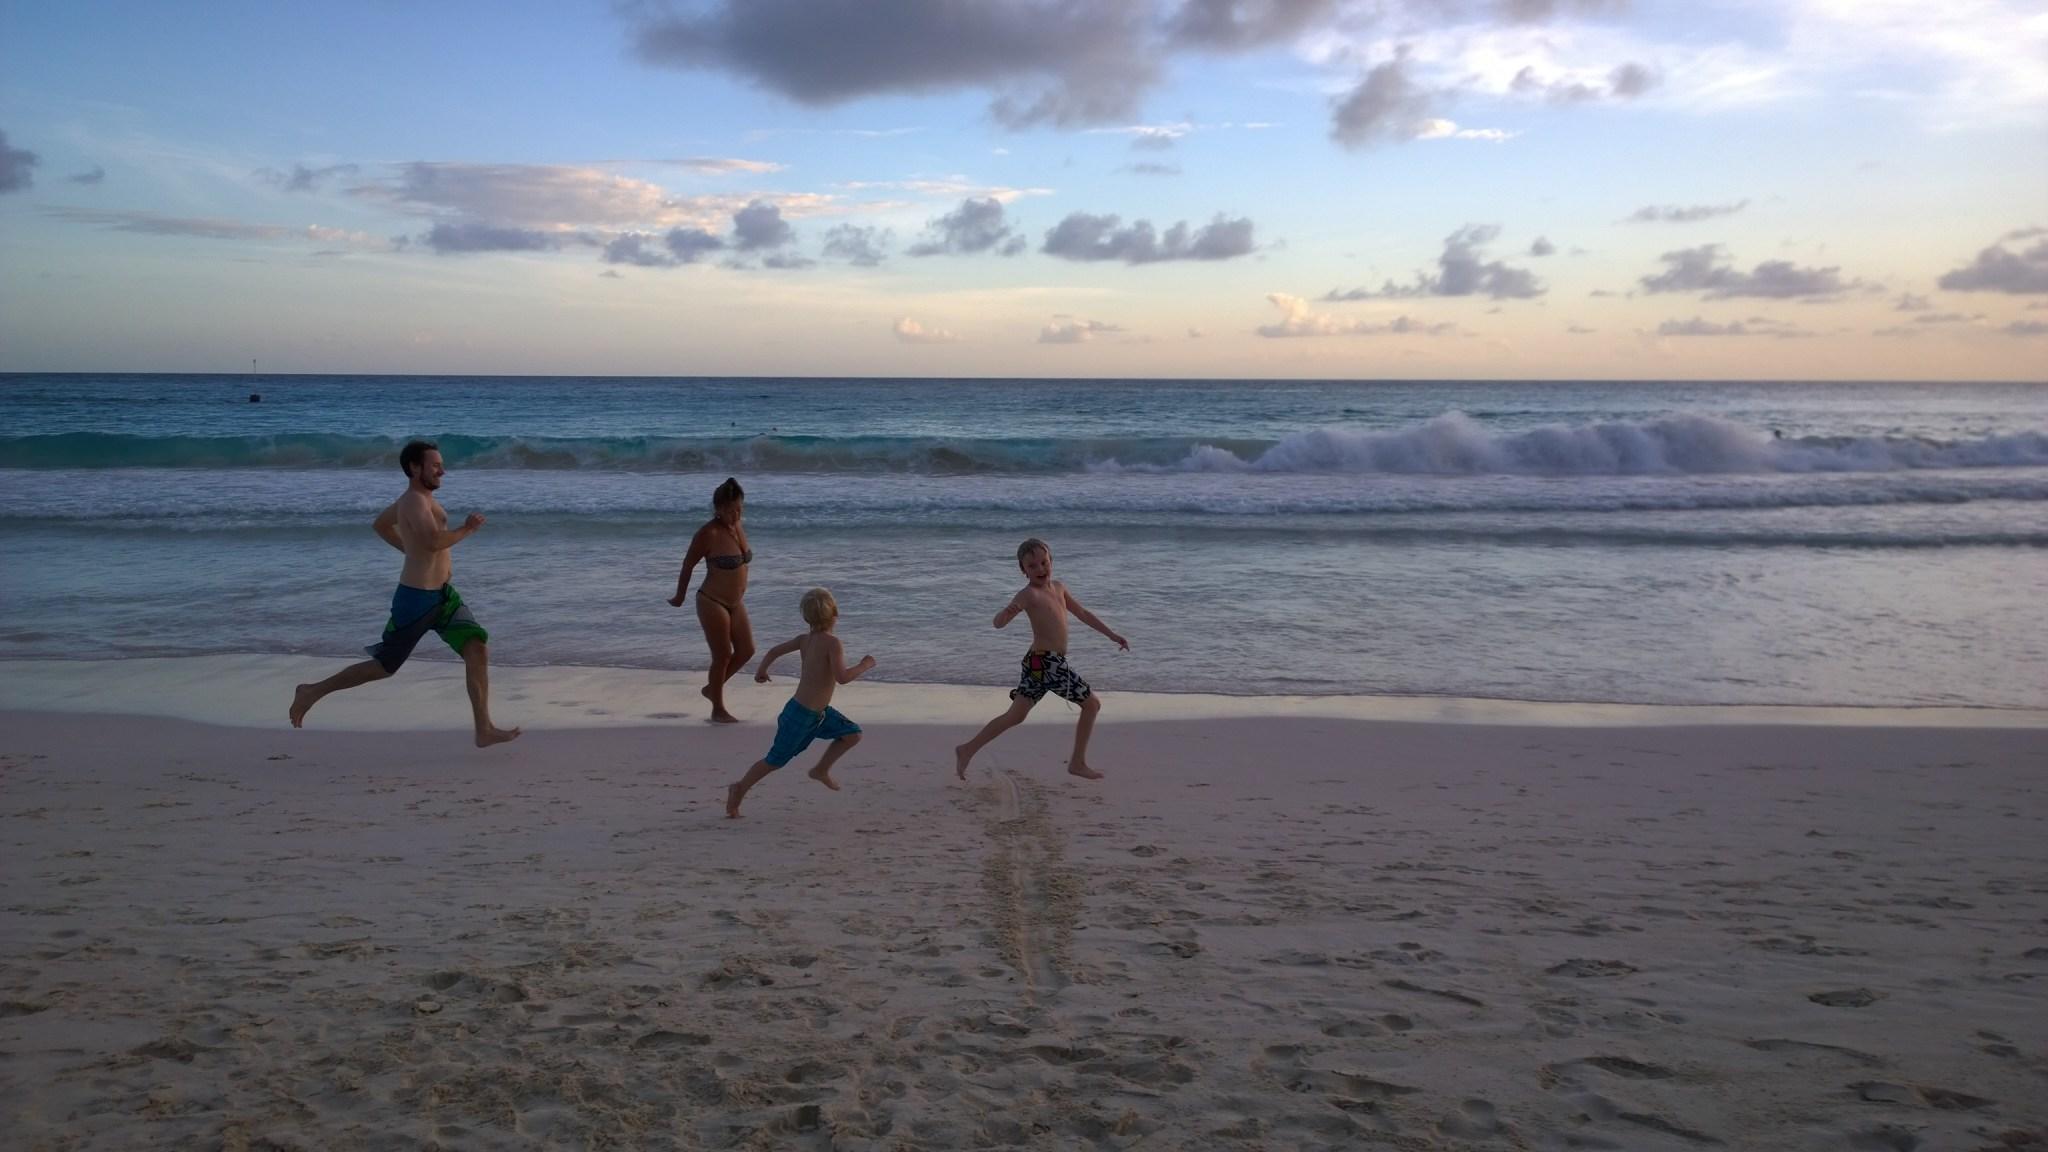 Pojat ottaa skabaa ja isä jää metrejä jälkeen! Samalla merestä nousee ehkä hivenen humalainen rouva, joka on hetken päästä rannalla iskemässä varttuneempia surffipoikiamme.